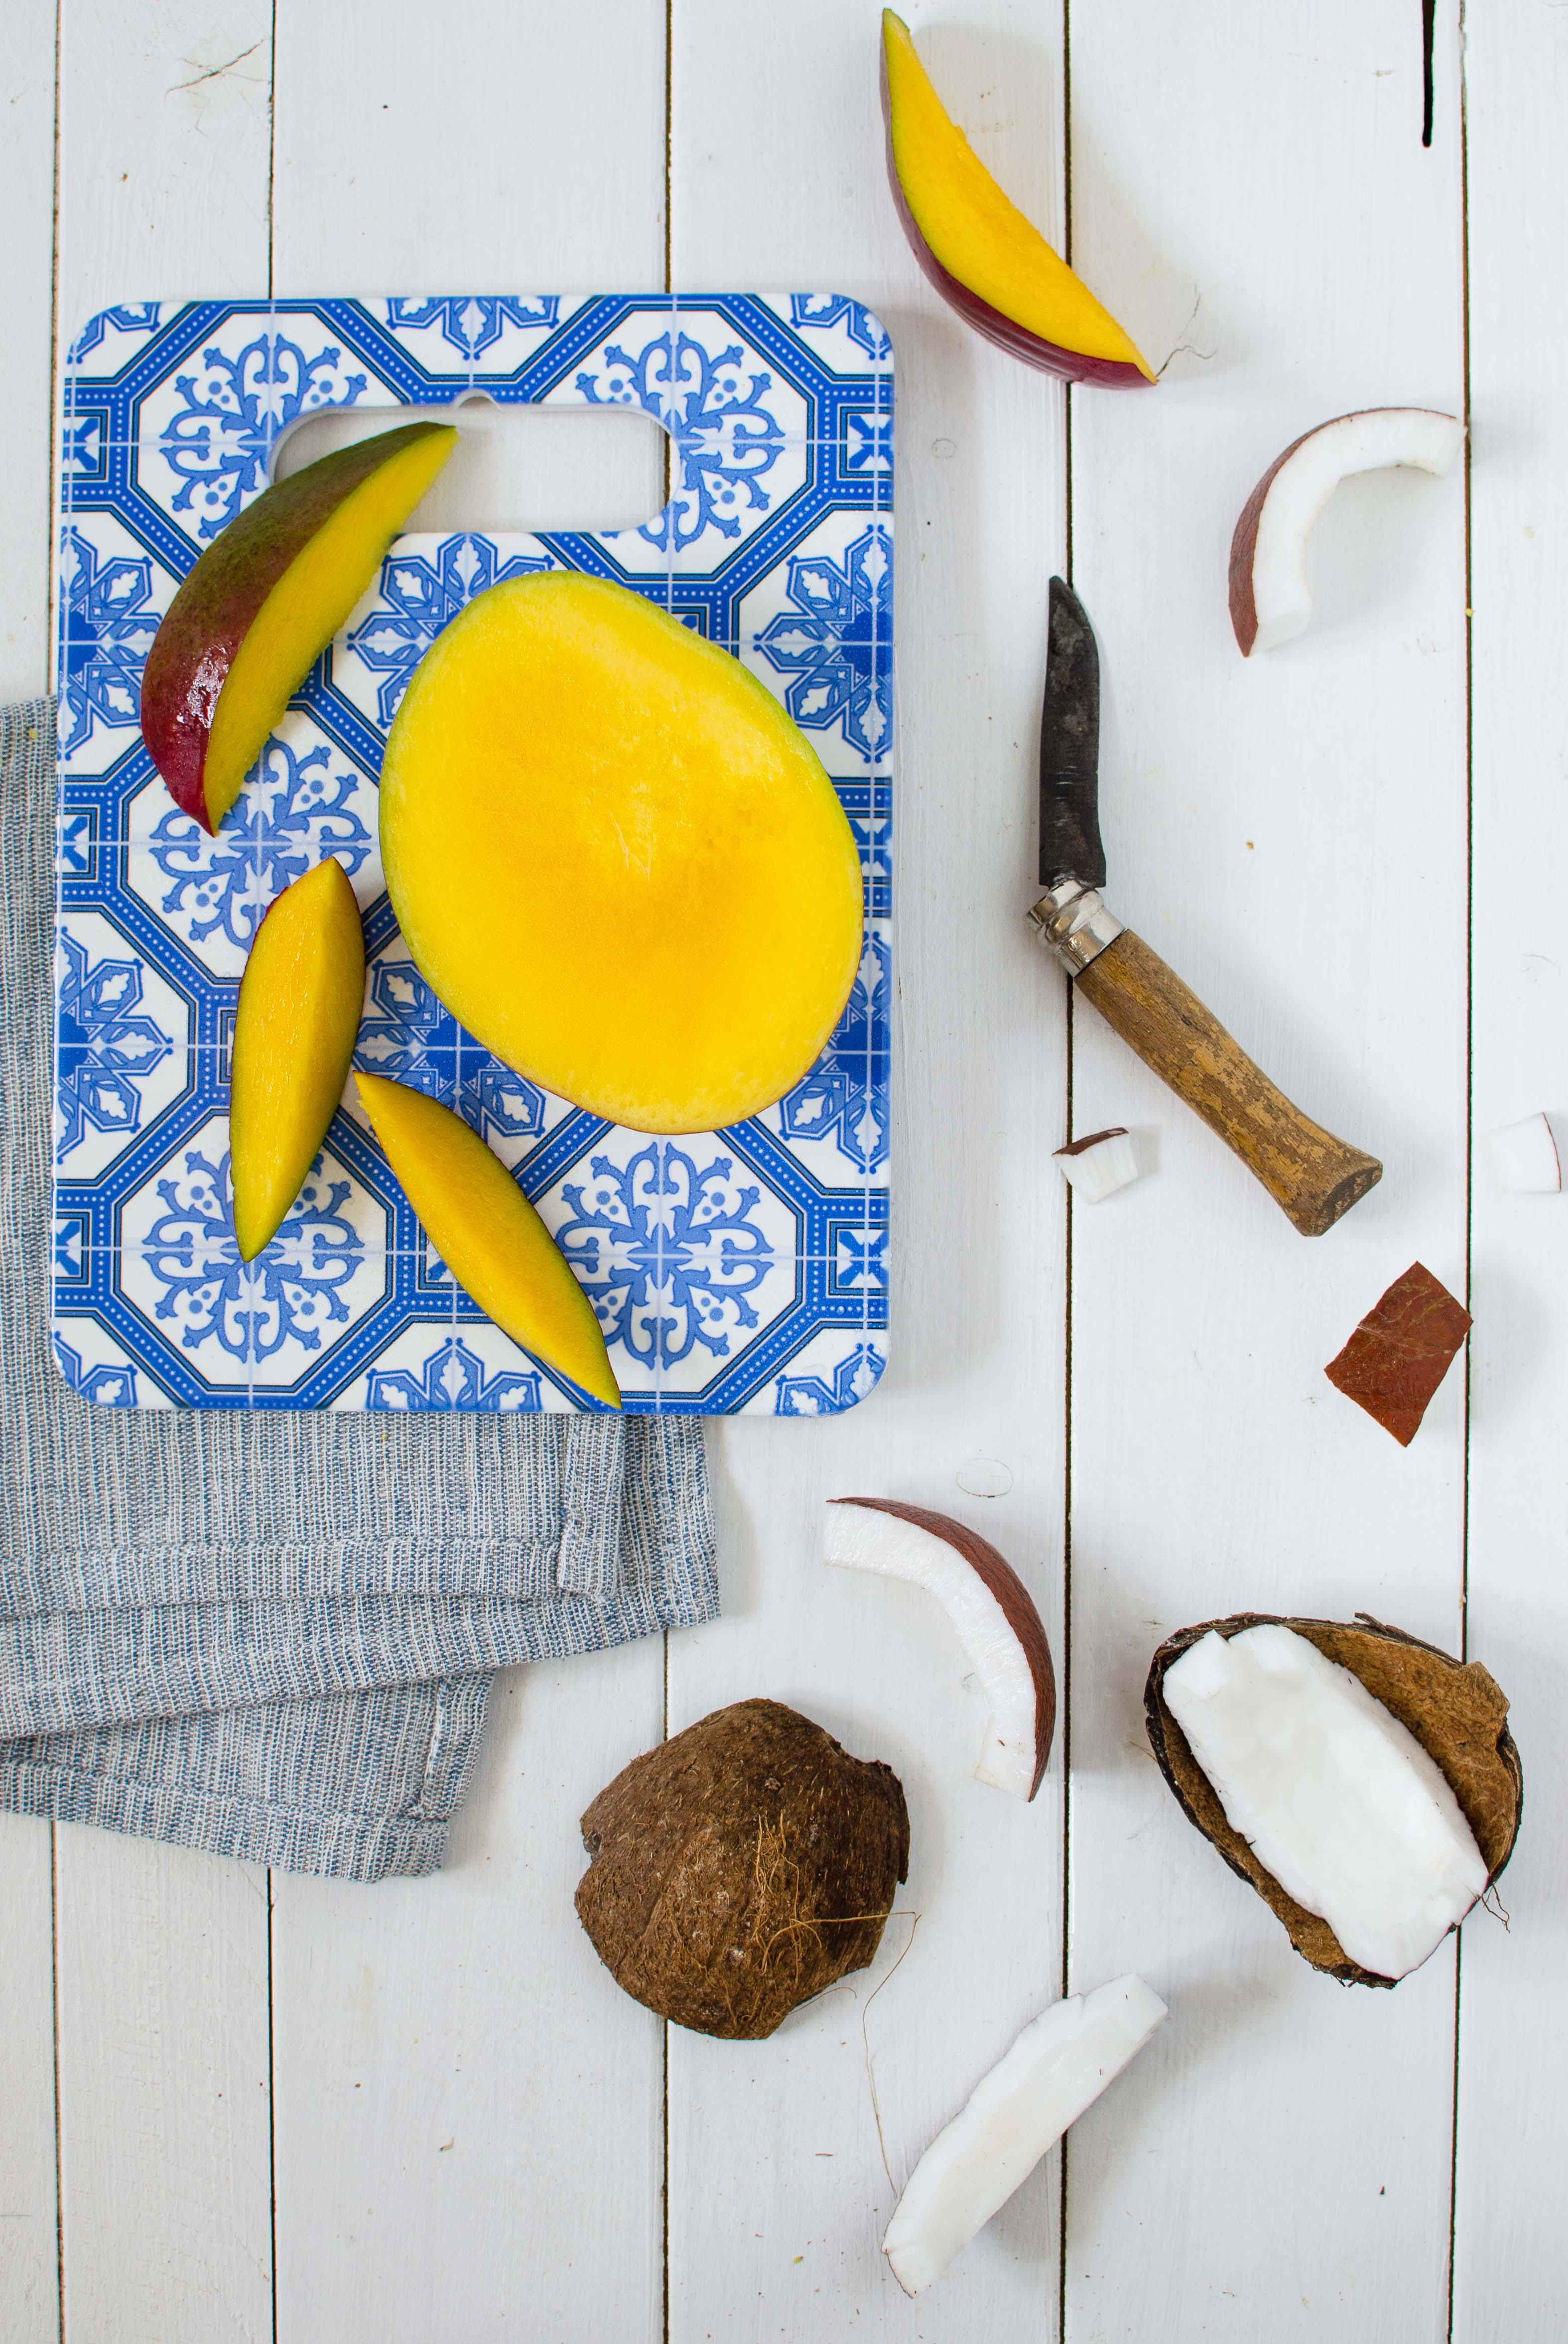 gelato_mango_cocco Gelato al mango e cocco per Letture golose